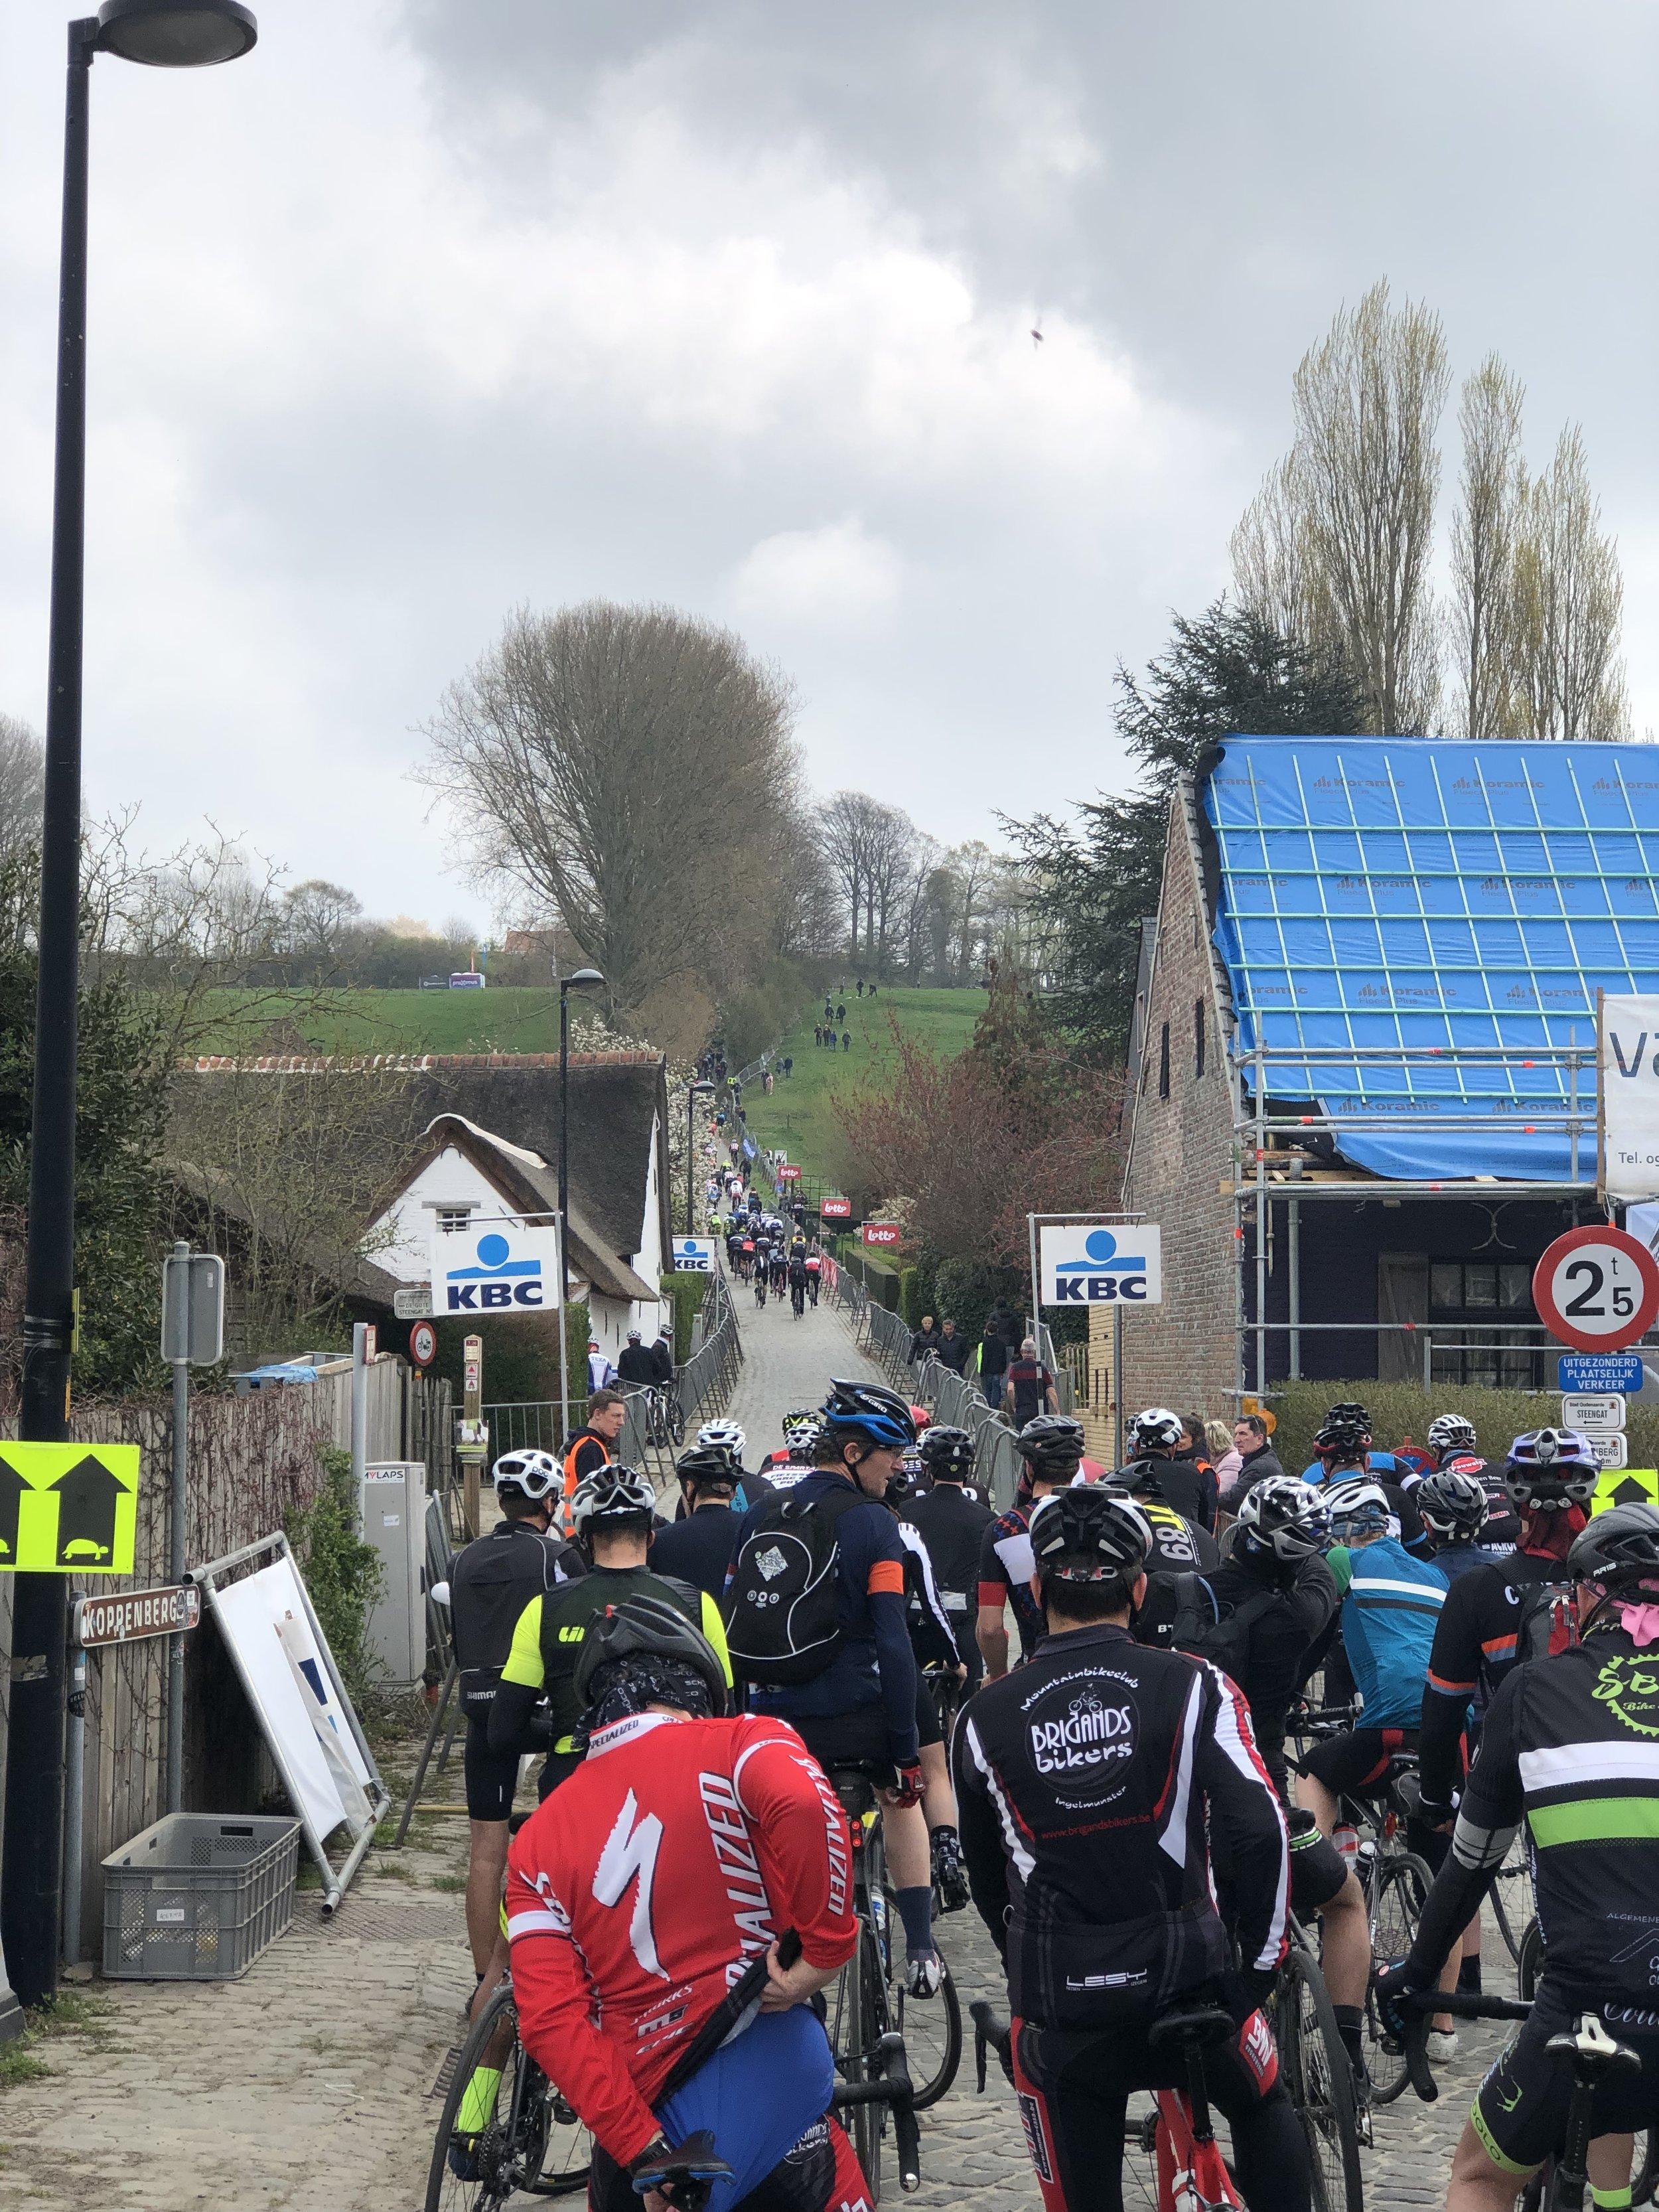 Stau am Koppenberg: Die Fahrer werden nur in kleinen Gruppen durchgeschleust, was nicht reicht, um für freie Auffahrten zu sorgen.